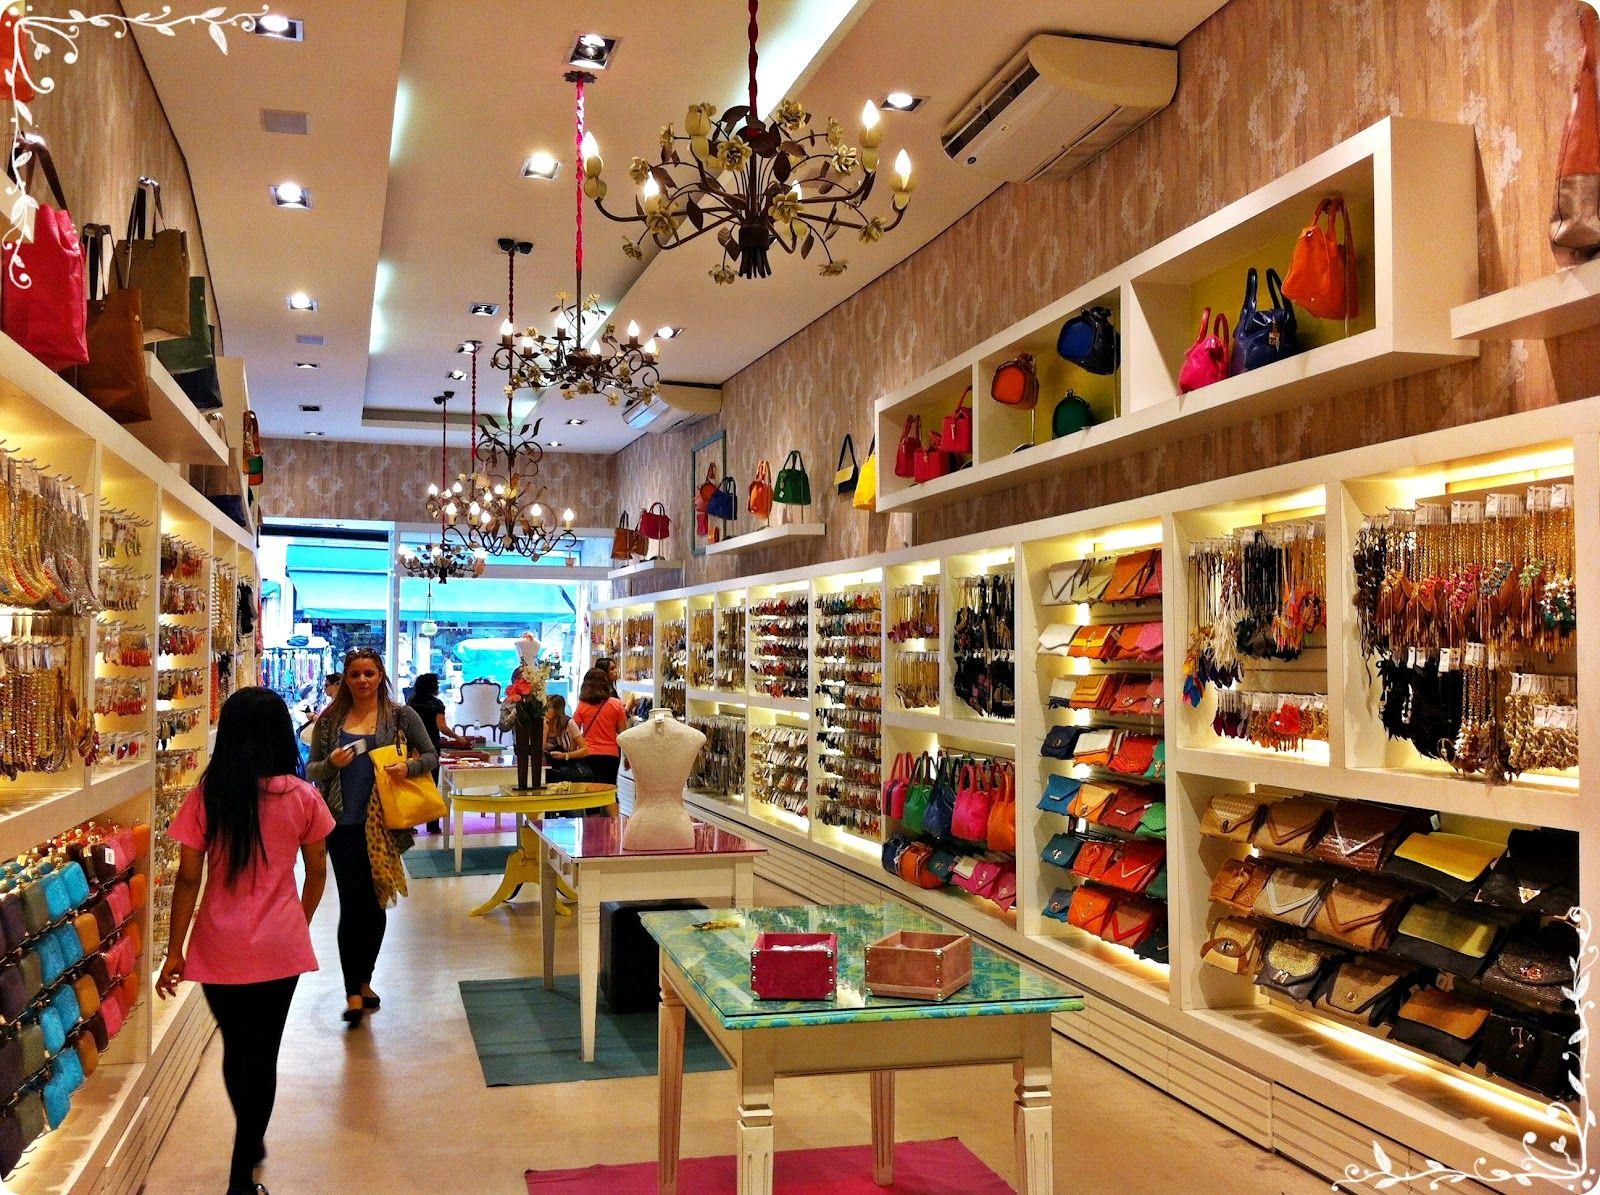 bijoux stores Pesquisa Google Store design interior